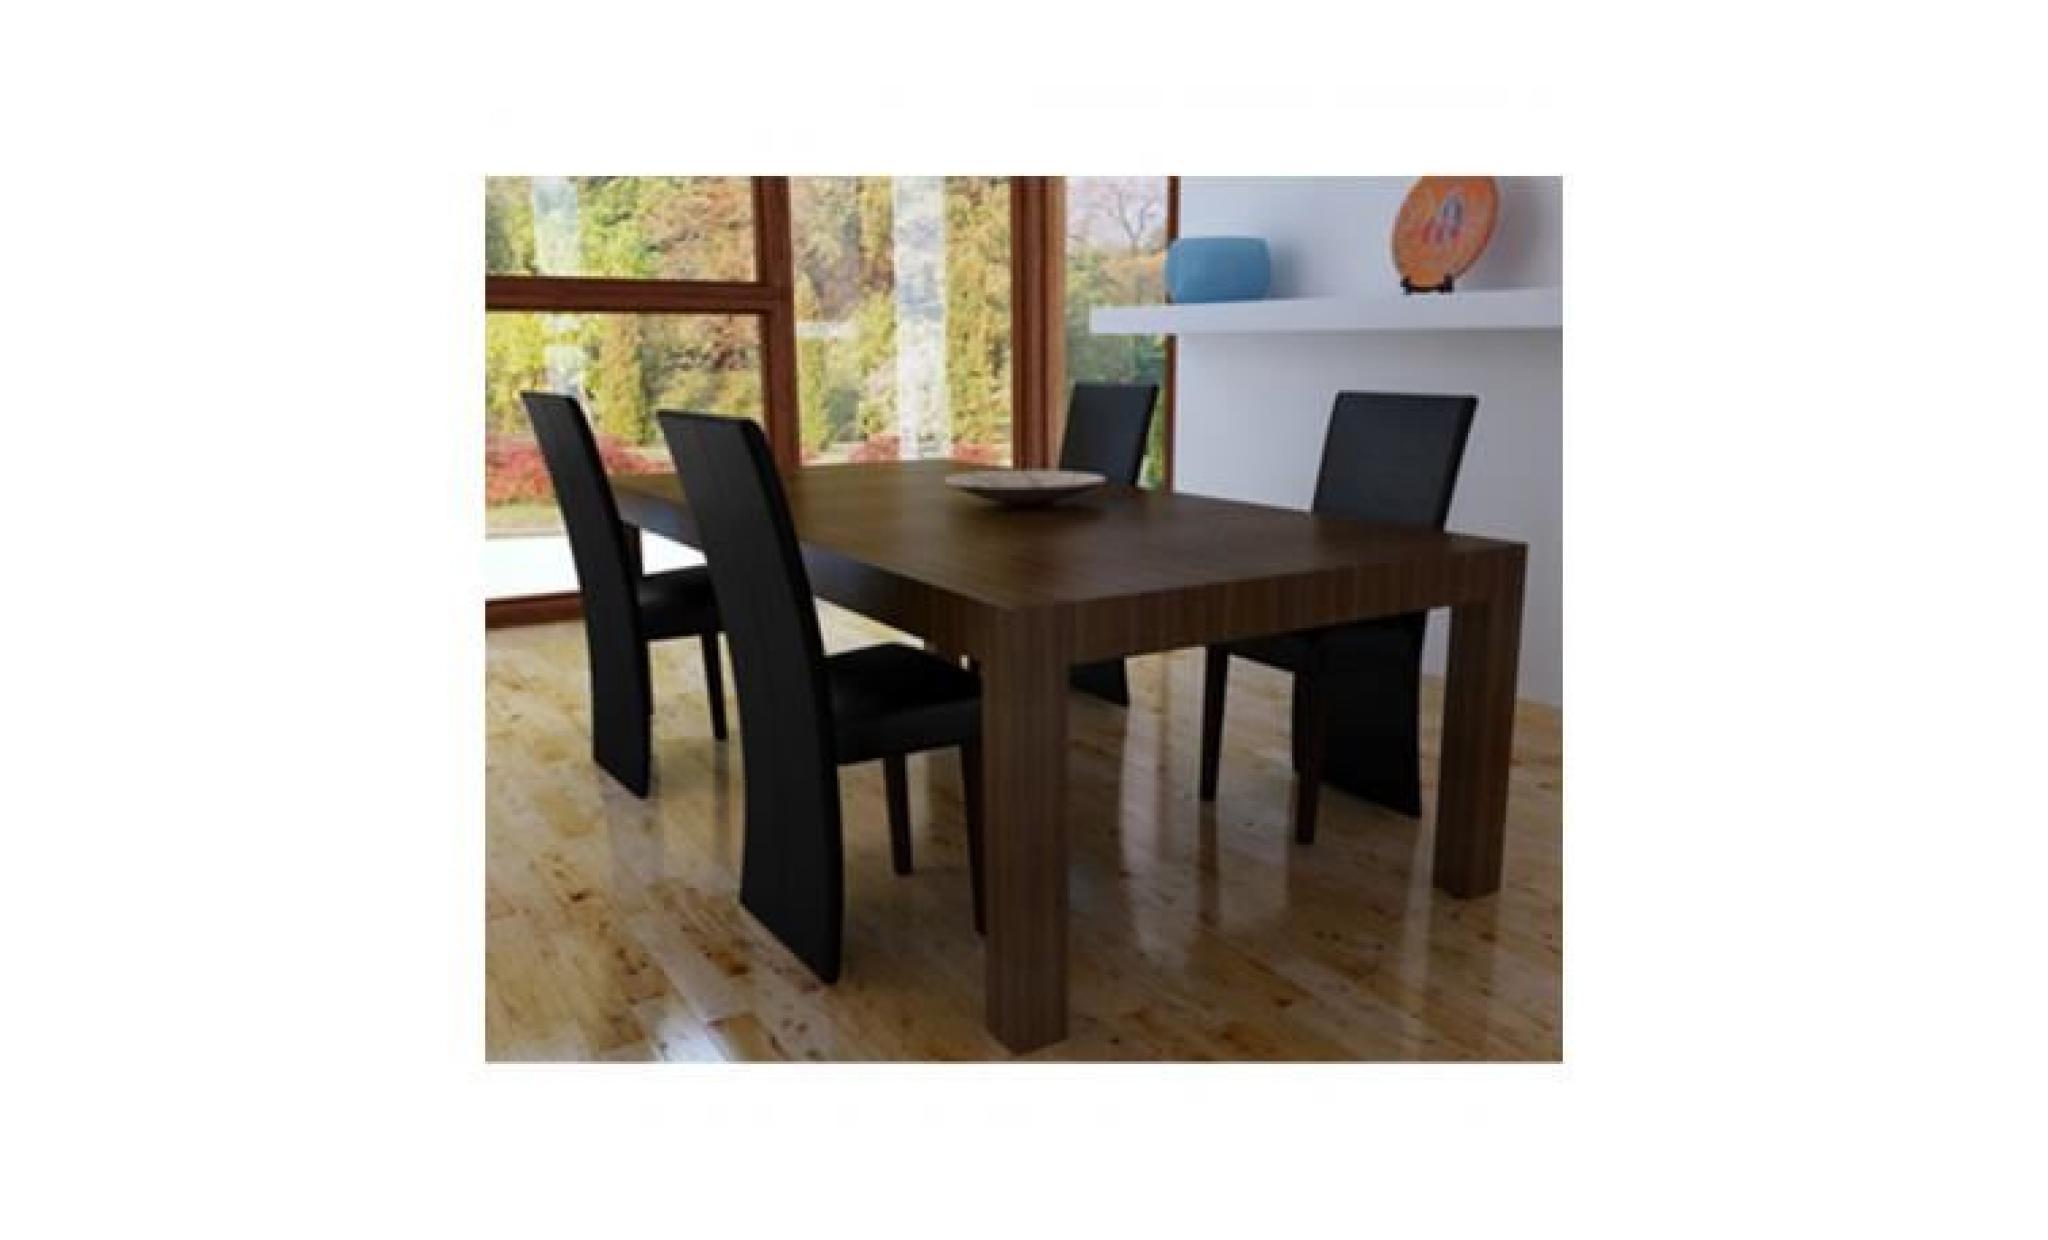 Chaise design bois noir (lot de 4)PU Stylashop